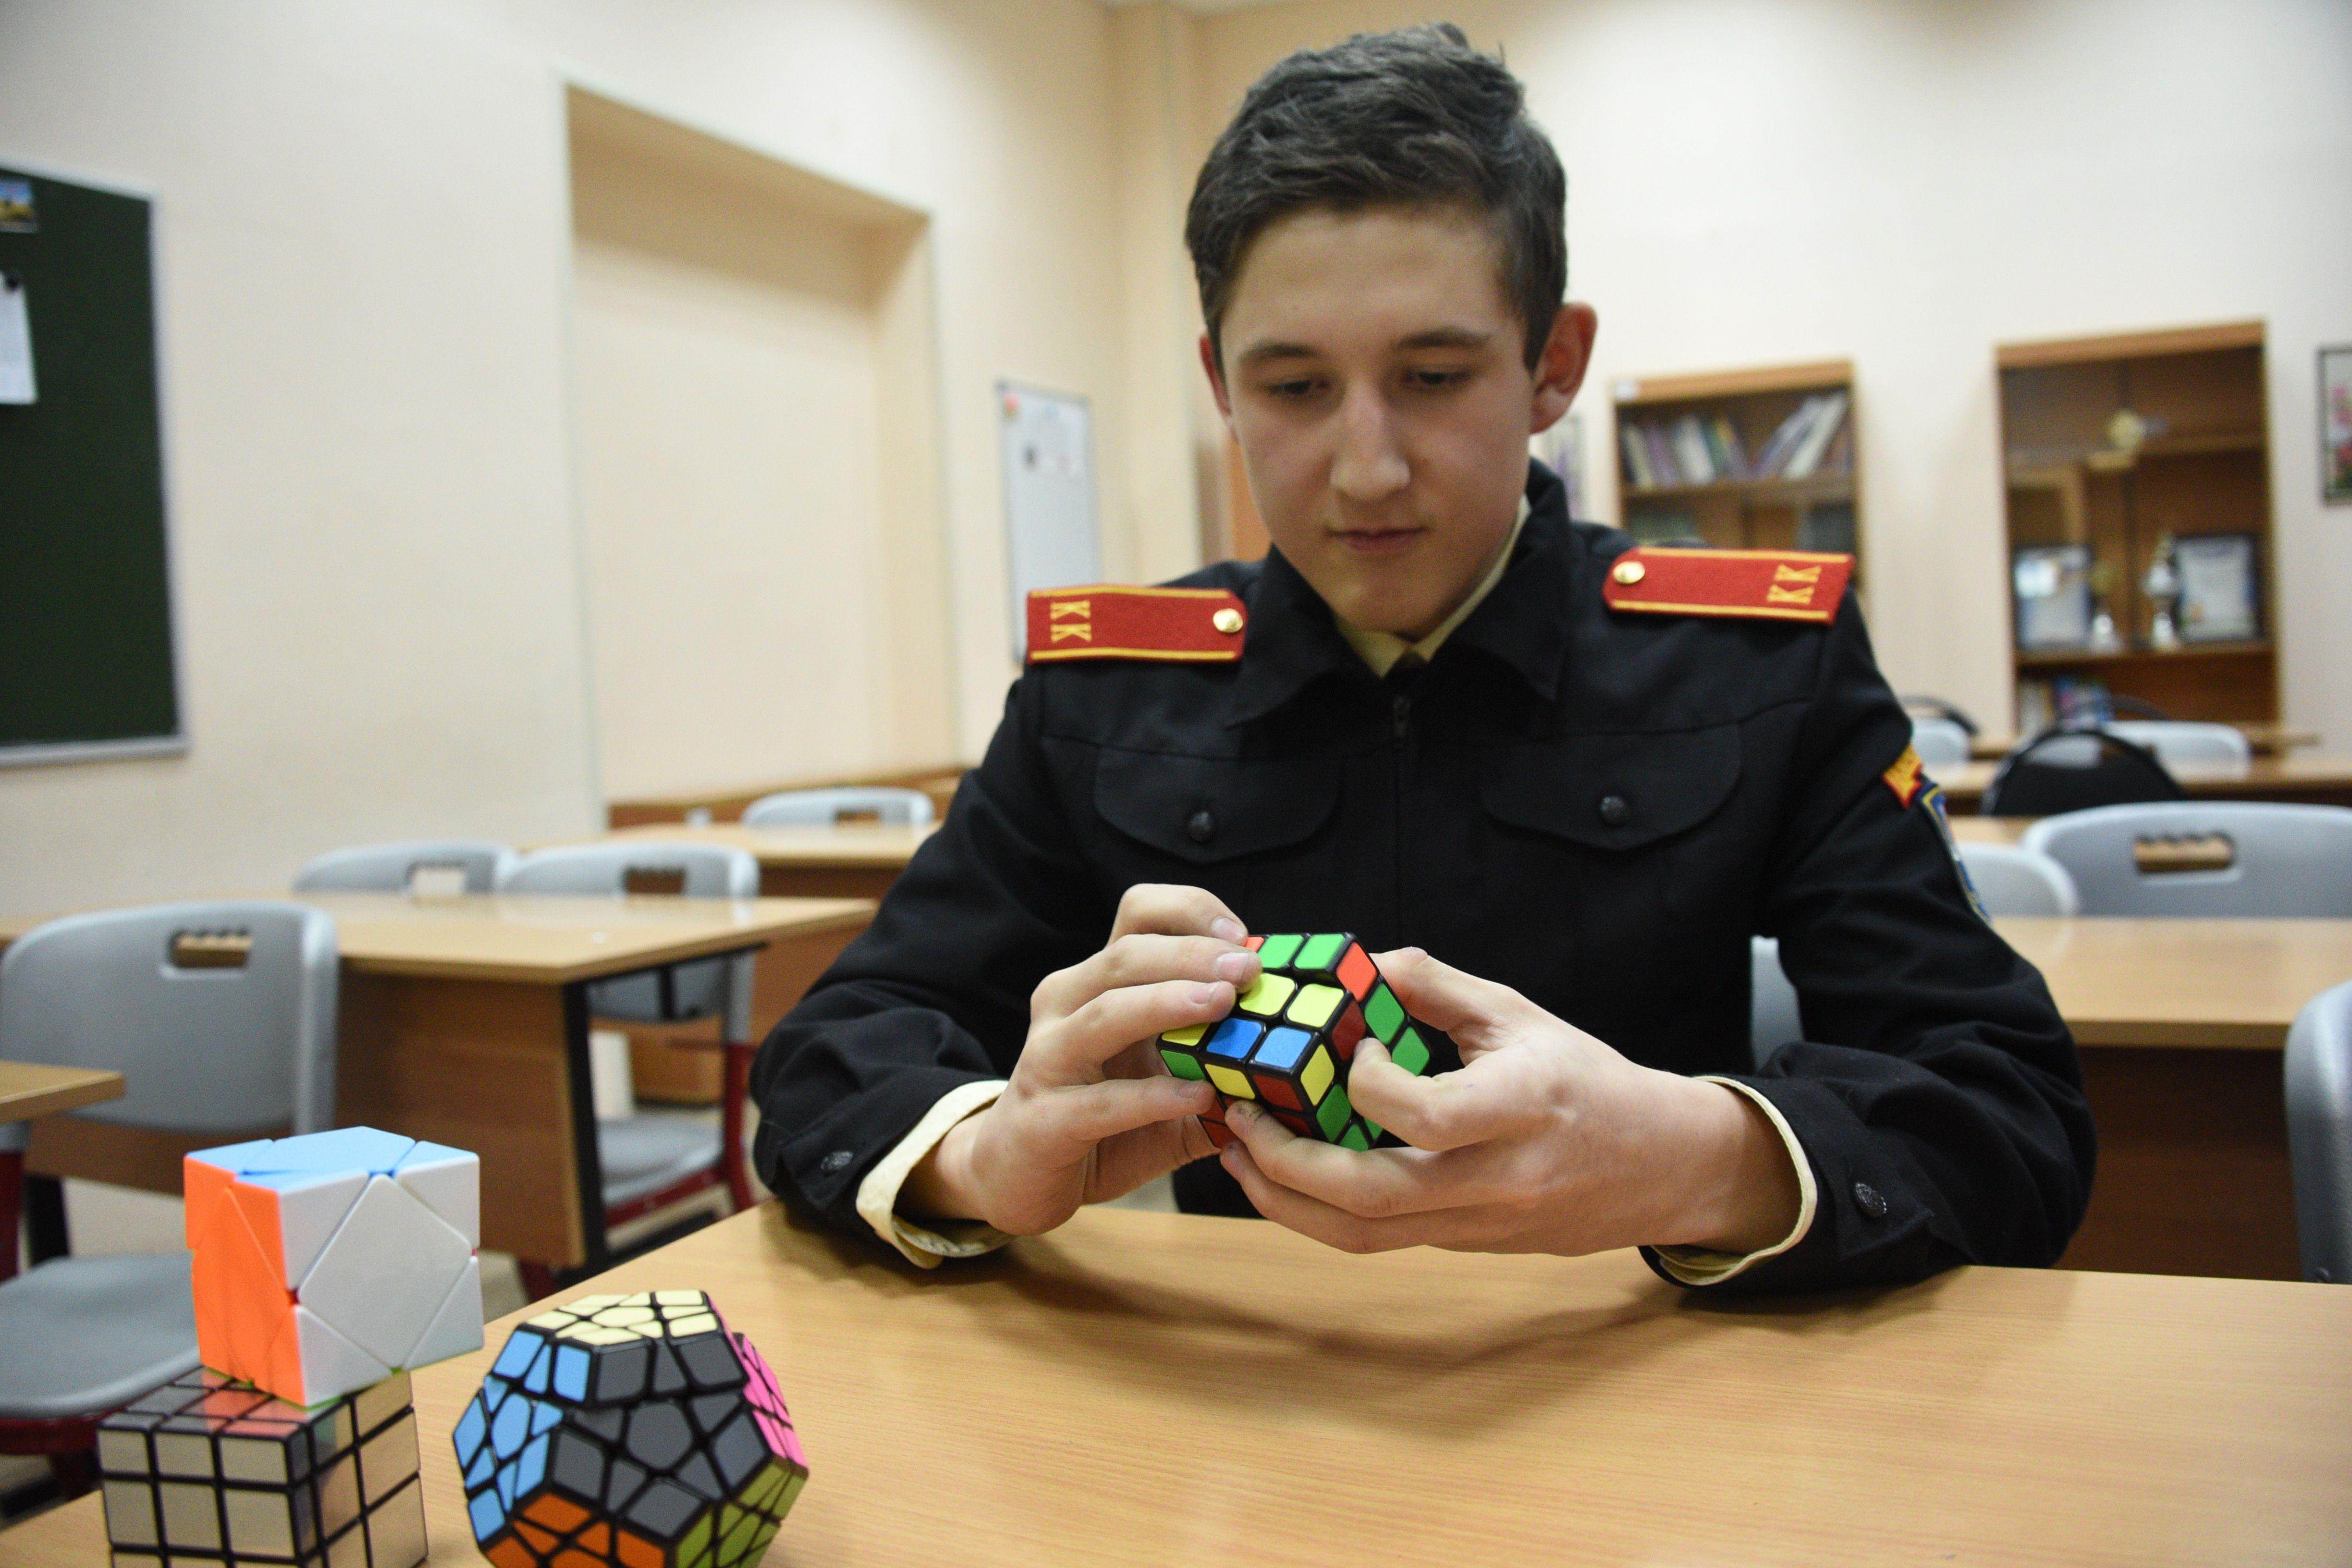 Кубик Рубика помогает отточить мастерство